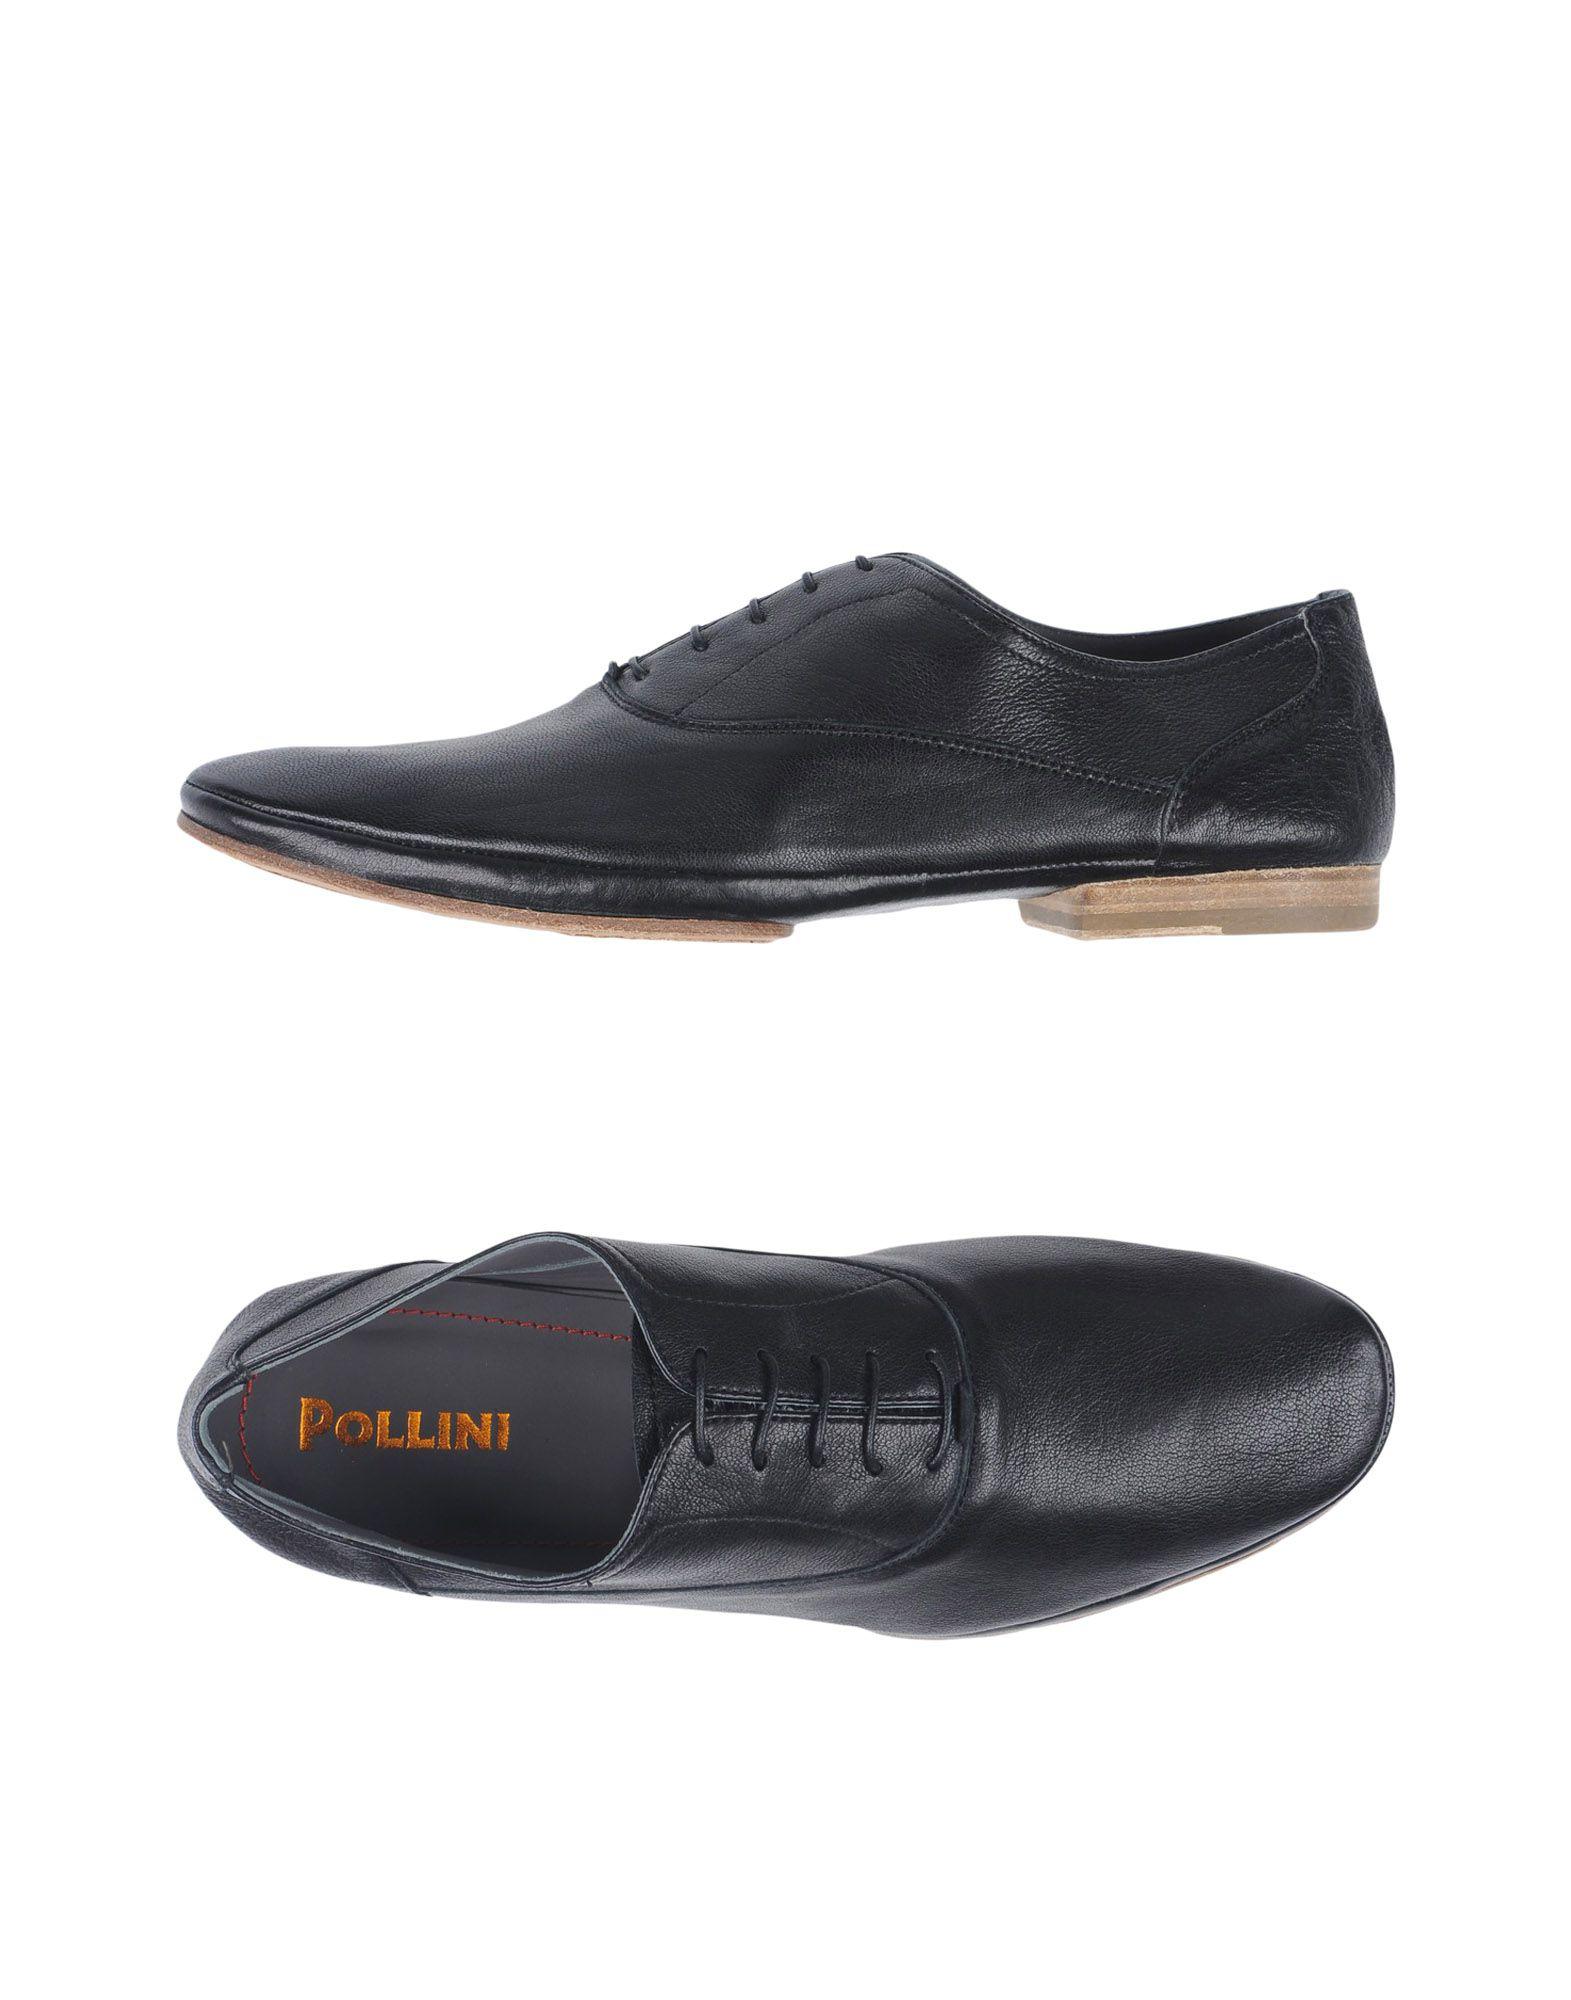 Cómodo y bien De parecido  Zapato De bien Cordones Pollini Hombre - Zapatos De Cordones Pollini 94ef21